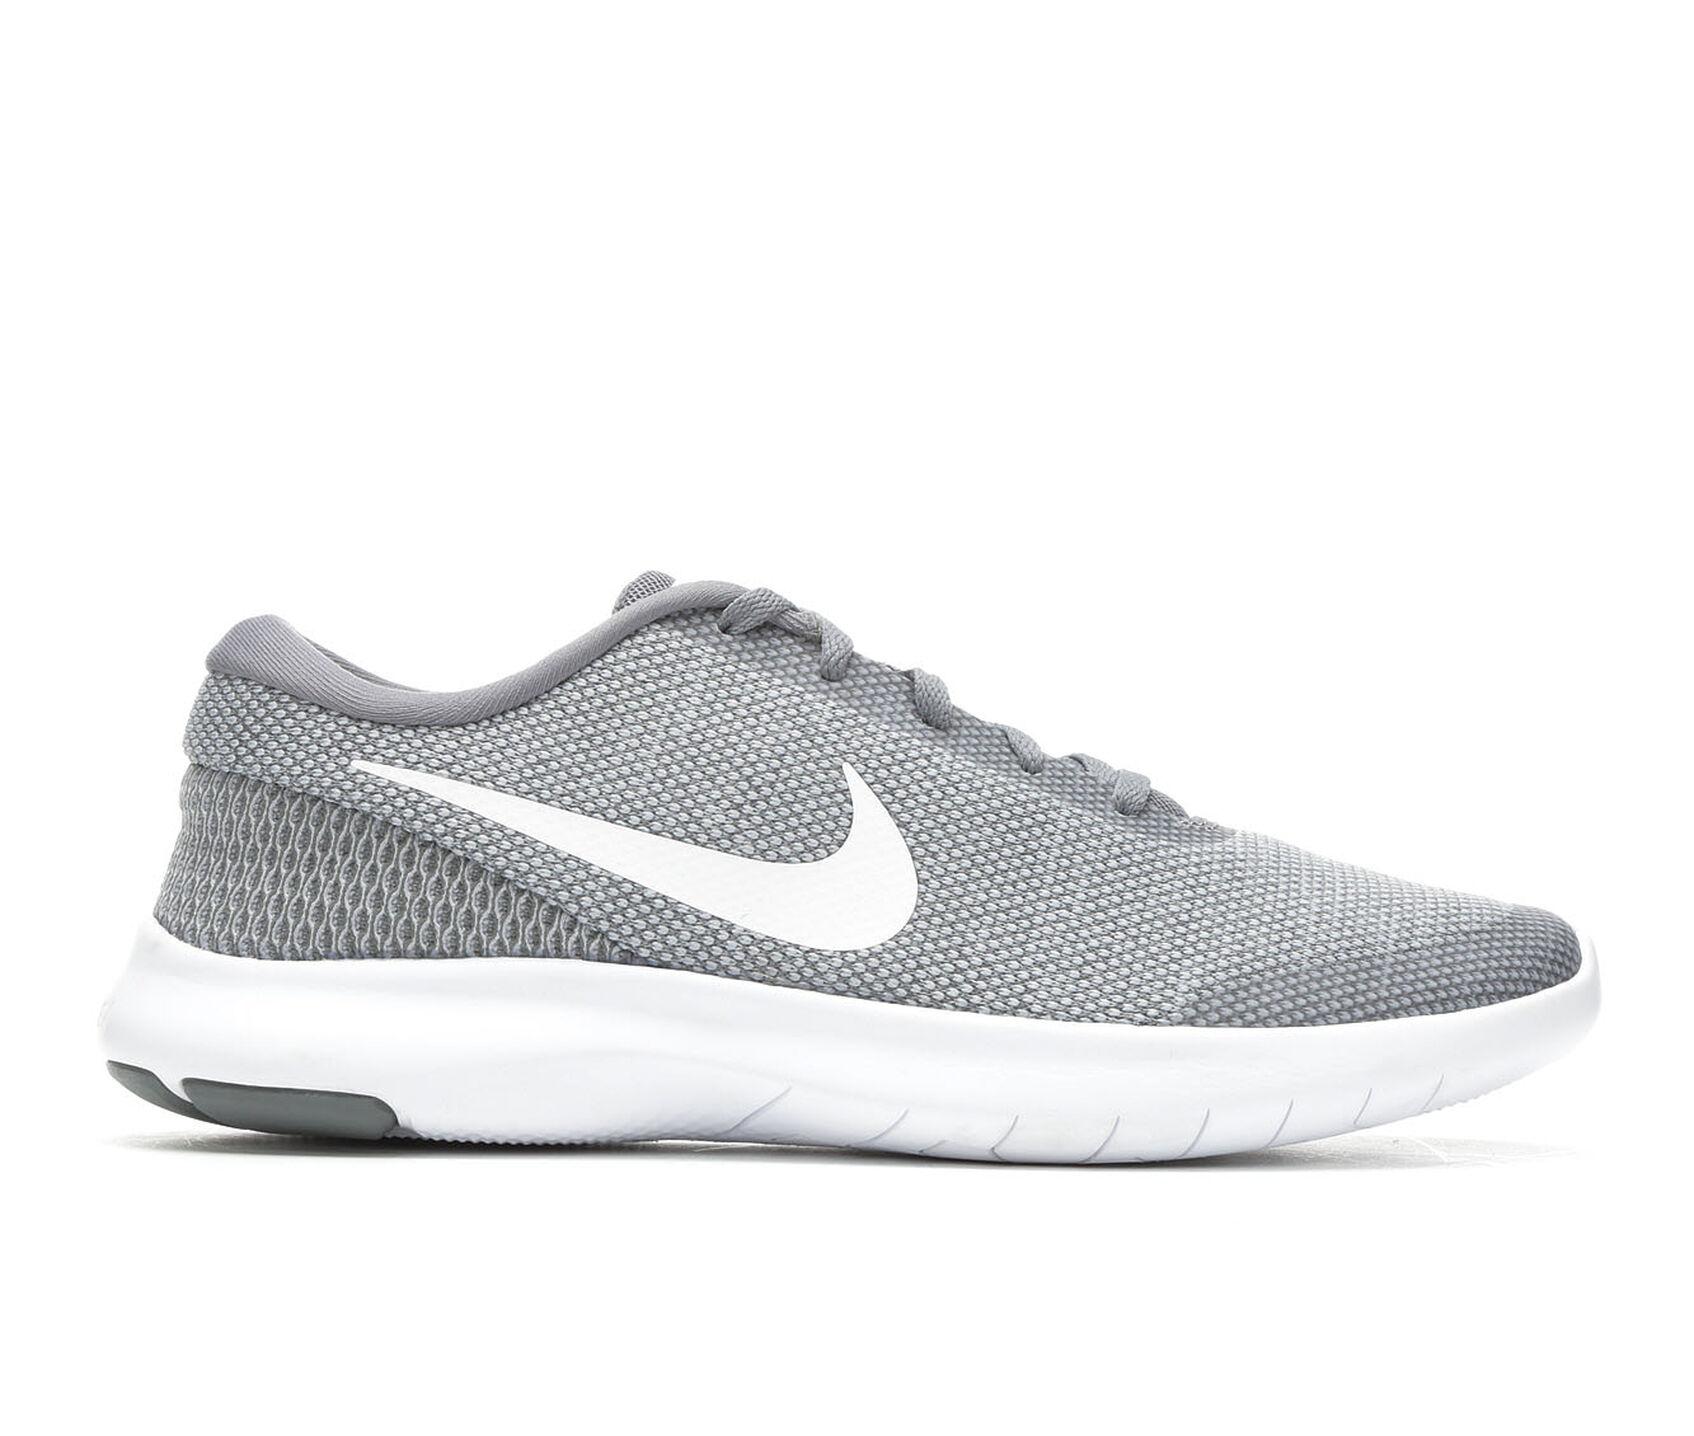 meet 2f2a4 79830 ... Nike Flex Experience Run 7 Running Shoes. Previous